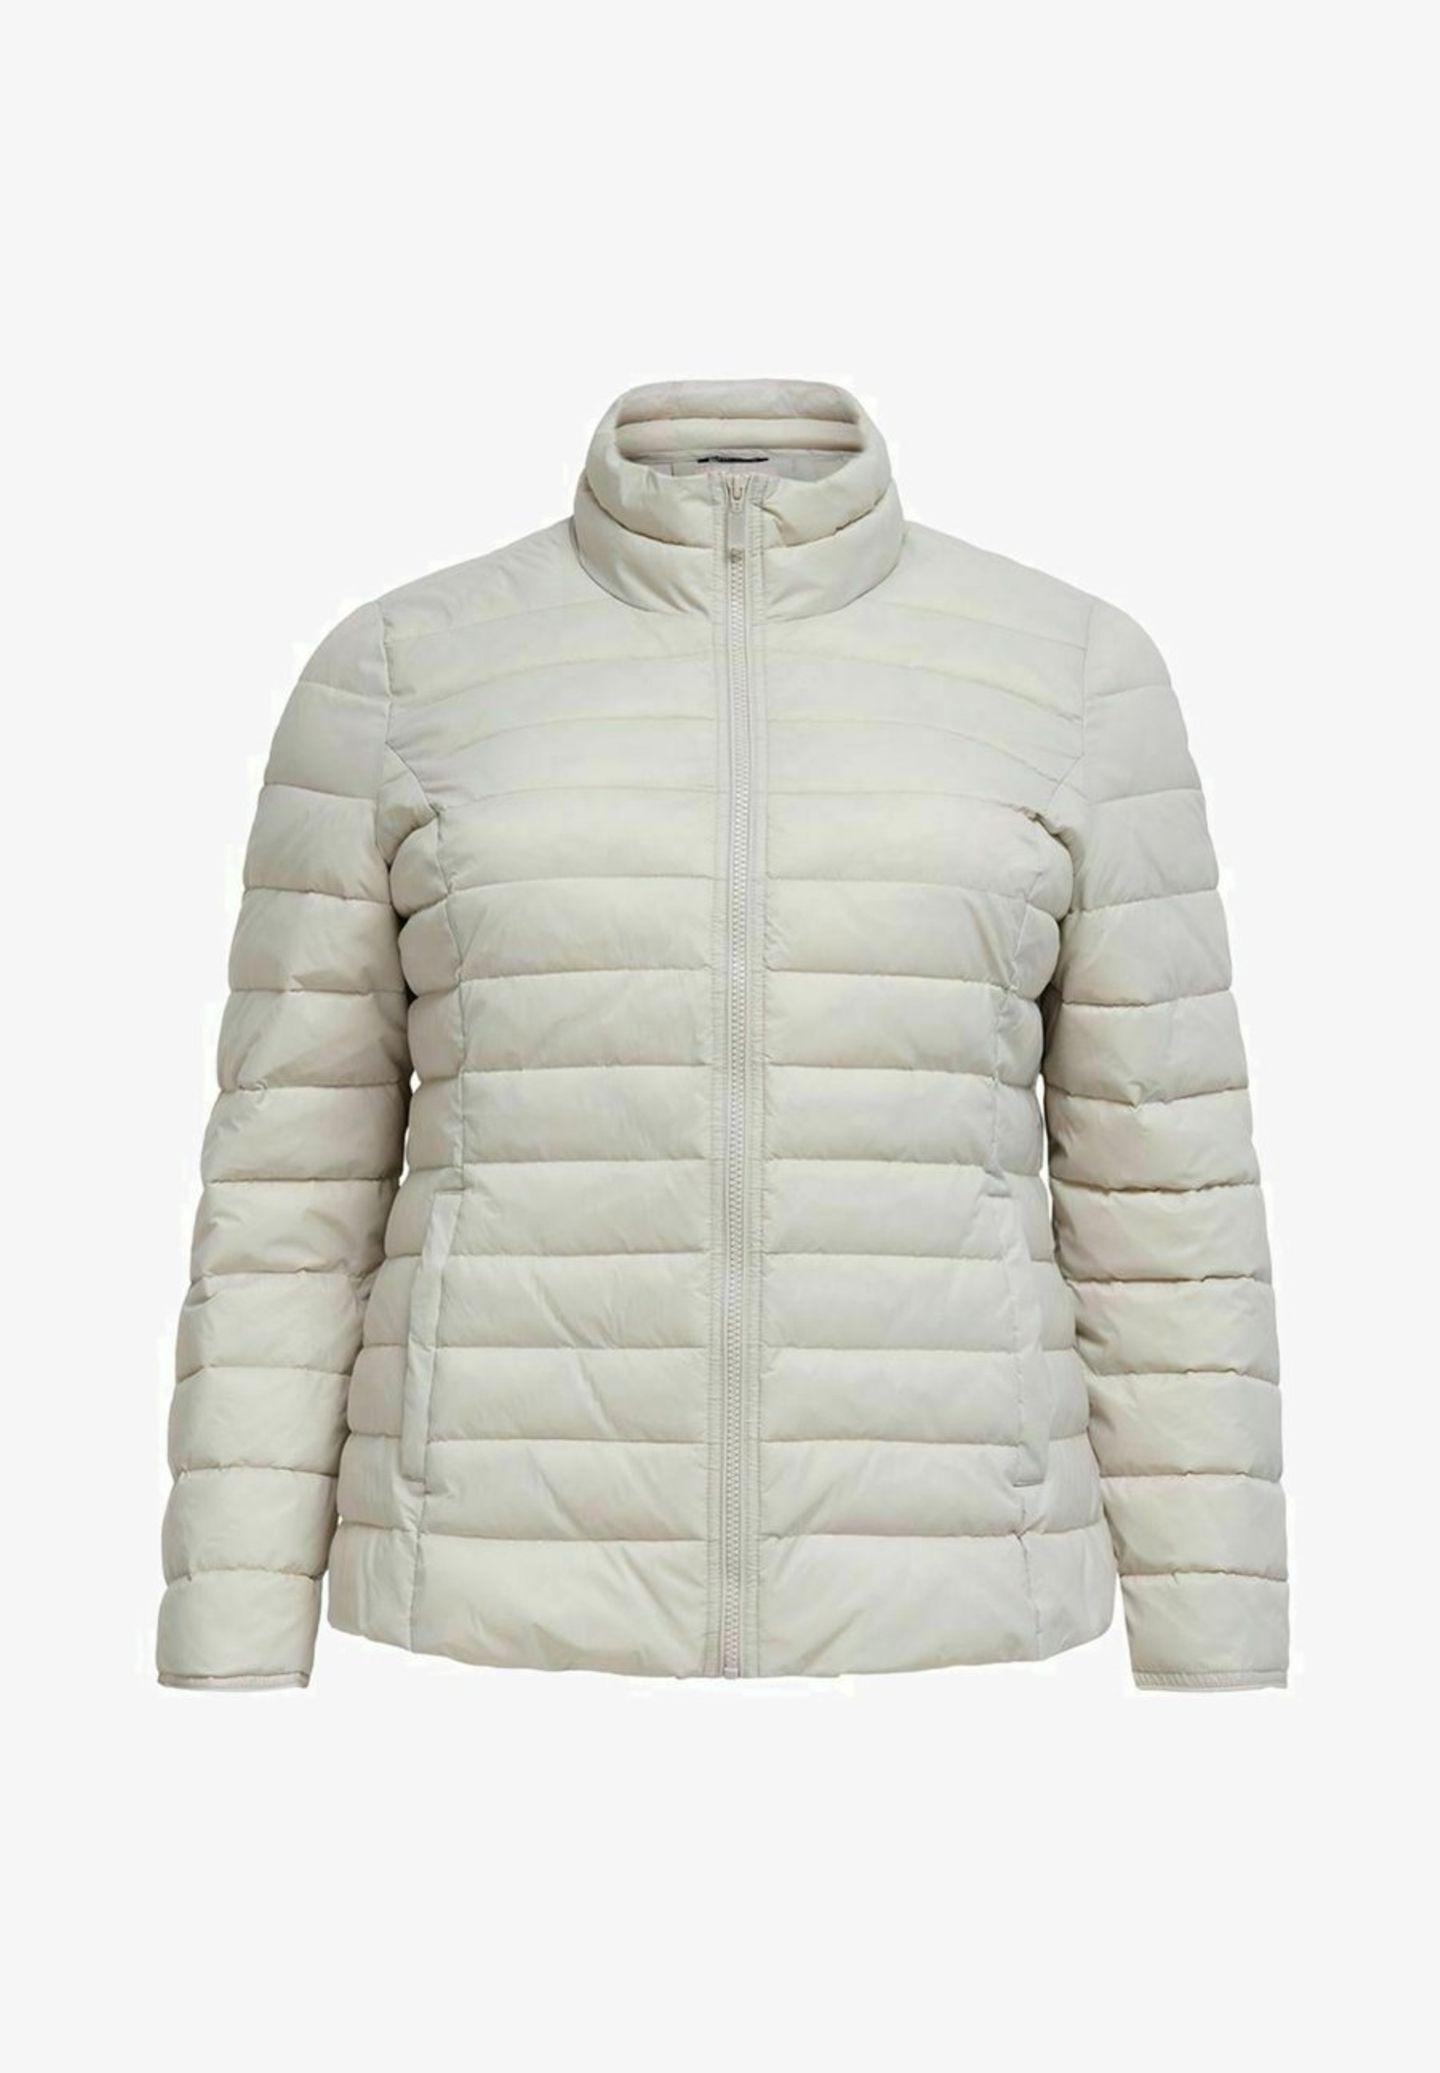 Auch im Frühling kann es kalt werden. Deshalb sind mit mit dieser Jacke vonONLY Carmakoma bestens vorbereitet. Durch die helle Farbe macht sie unsere Outfits nämlich trotzdem frühlingshaft. Über Zalando, circa 45 Euro.